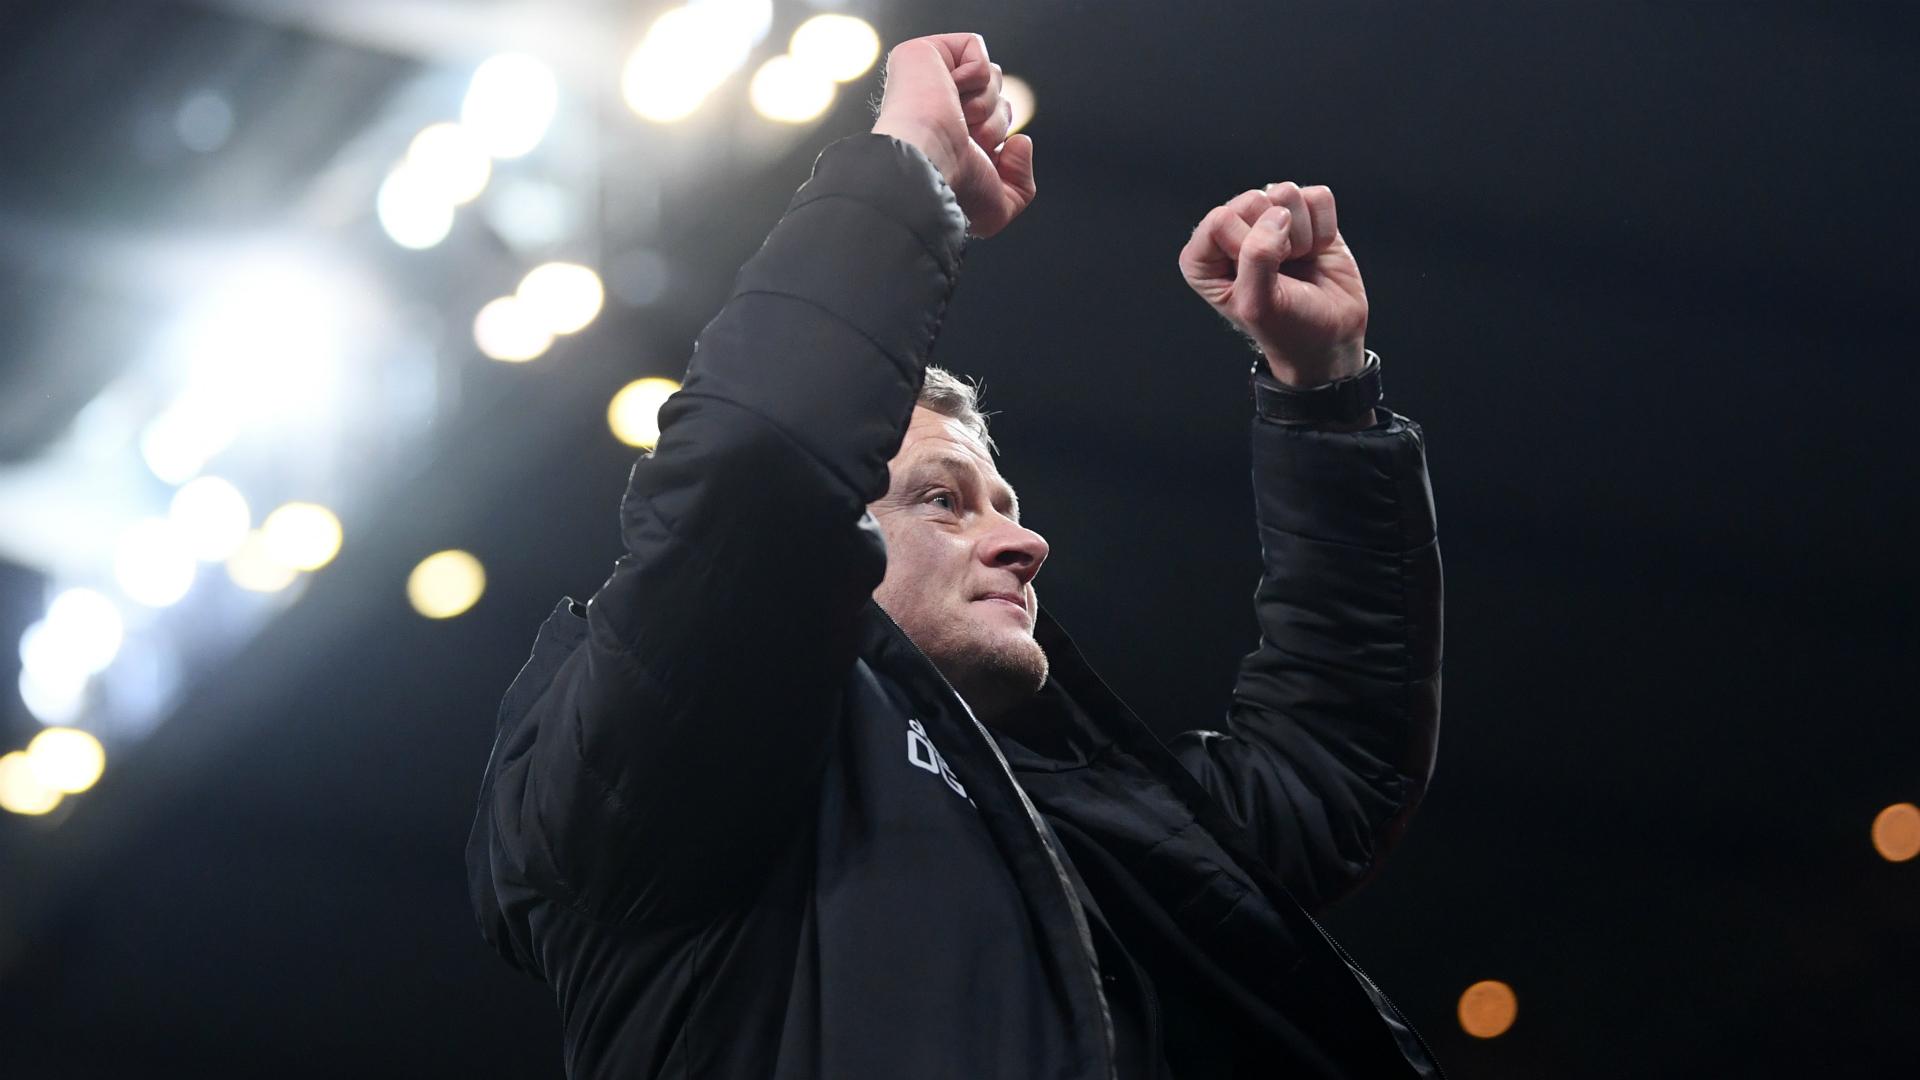 Solskjaer: Manchester United must raise performance against 'lesser teams'